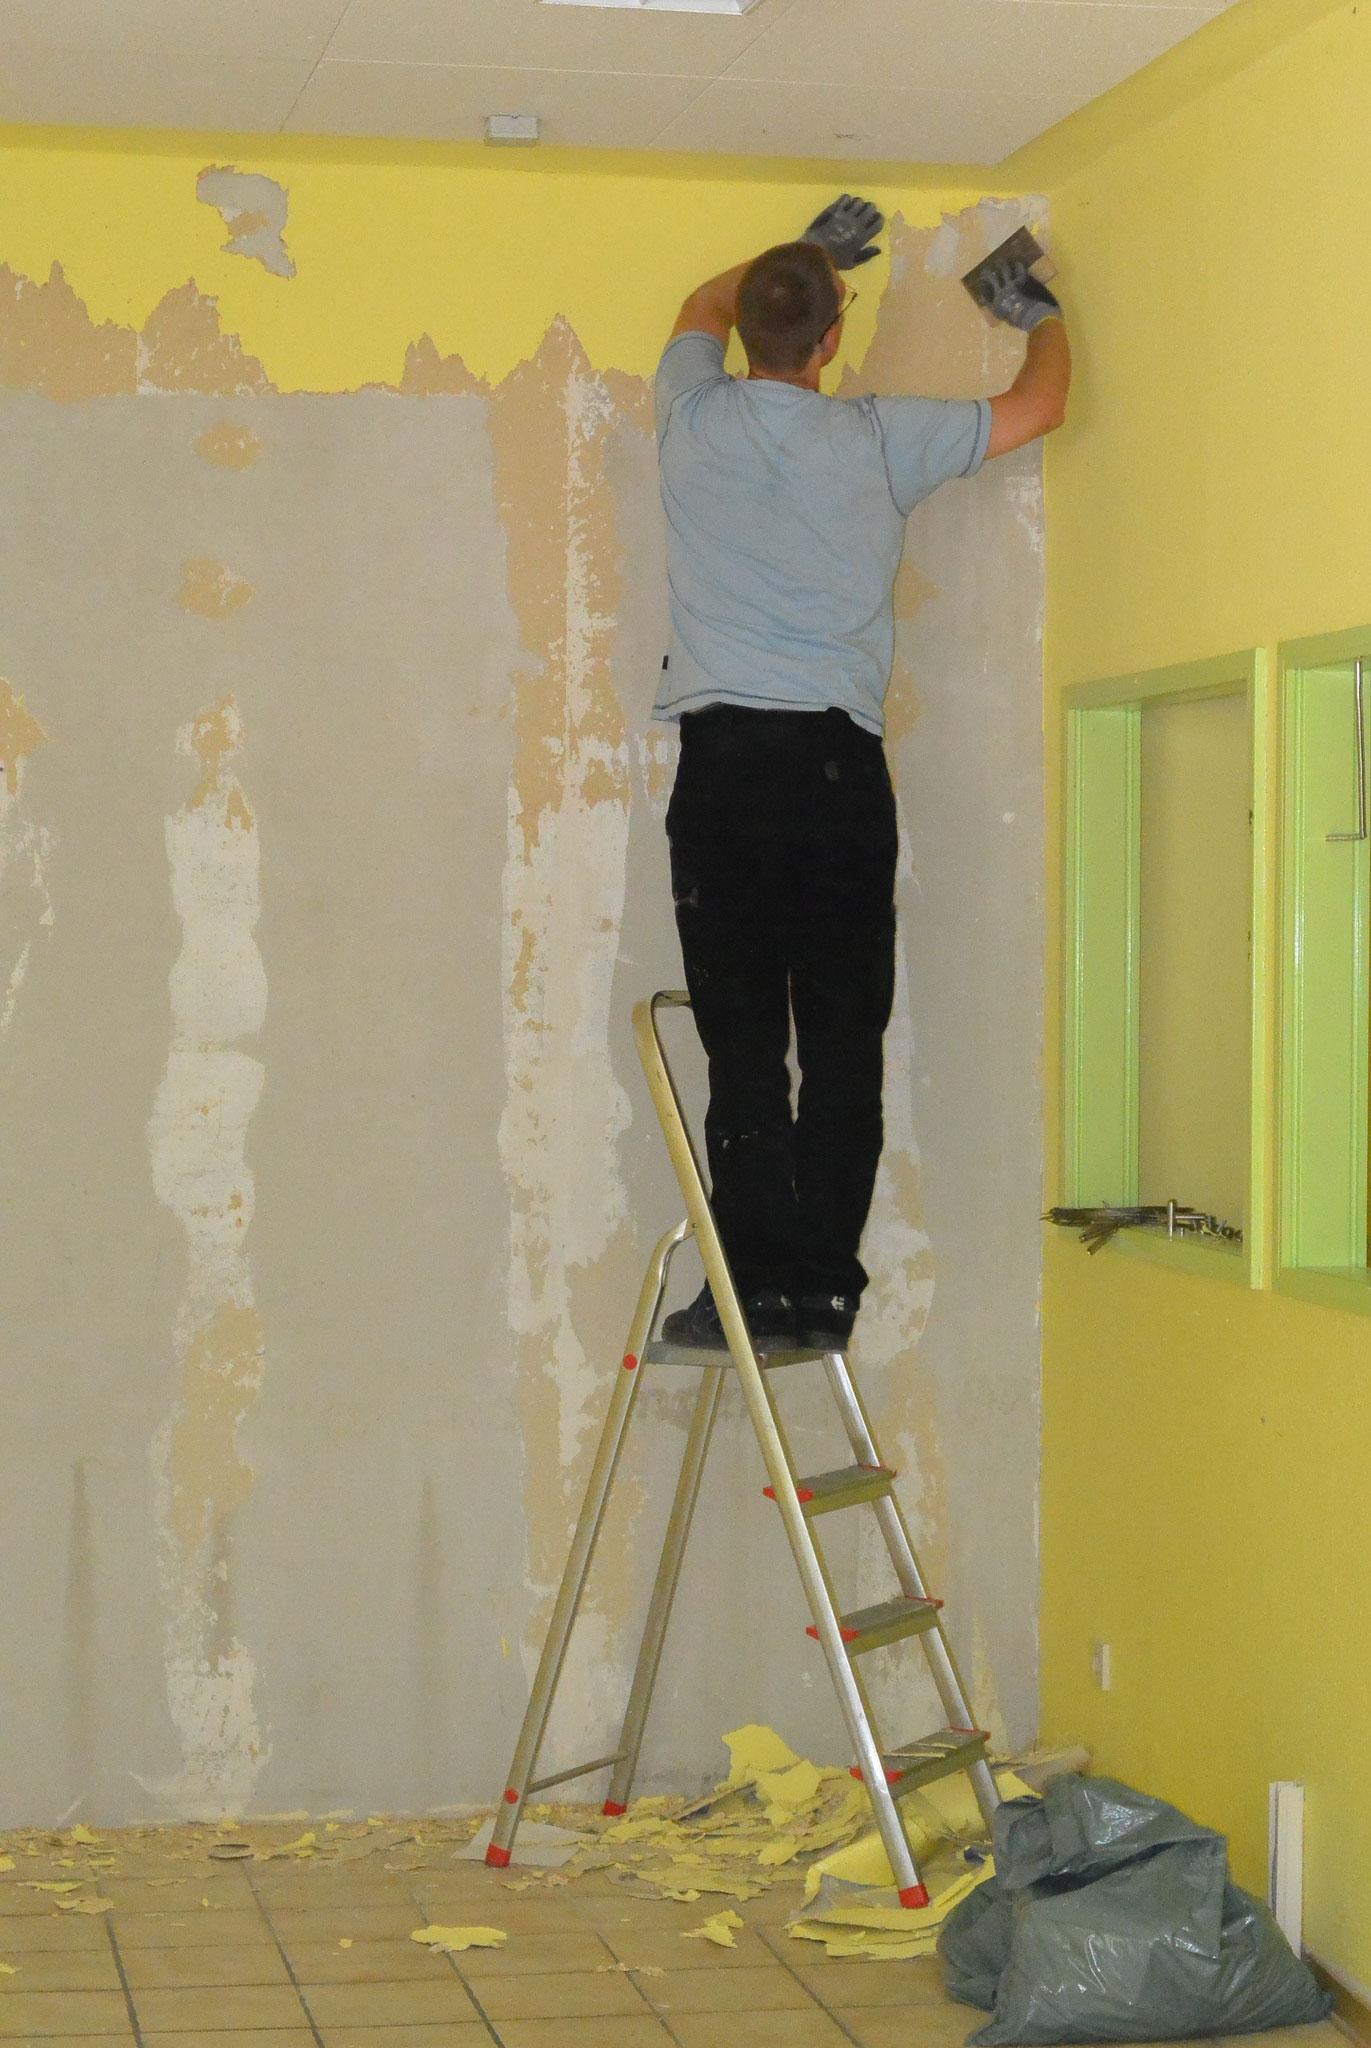 Uns war es etwas zu gelb, also erst einmal alle Tapeten runter